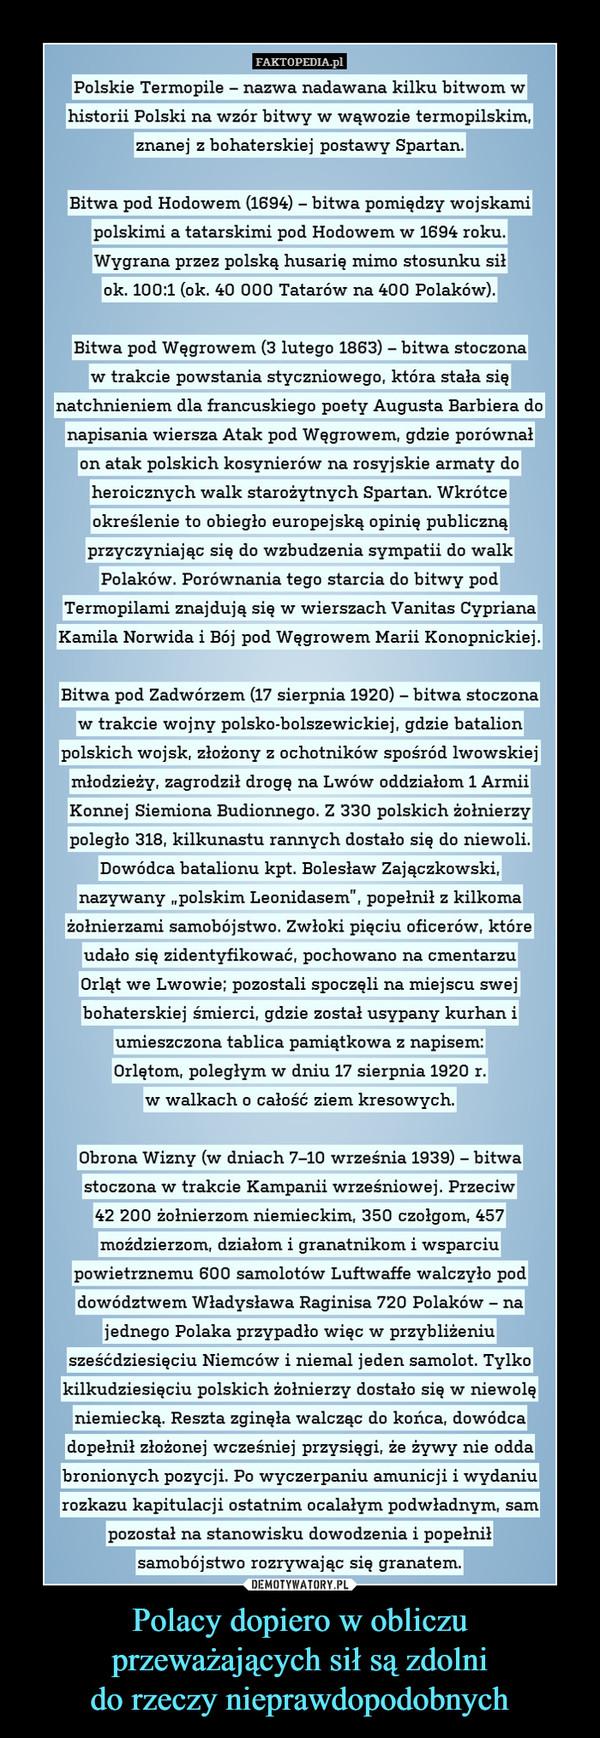 """Polacy dopiero w obliczu przeważających sił są zdolnido rzeczy nieprawdopodobnych –  FAKTOPEDIA.plPolskie Termopile-nazwa nadawana Kiilku bitwom whistorii Polski na wzór bitwy w wąwozie termopilskim,znanej z bohaterskiej postawy Spartan(1694) - biftBitwa pod Hodowem ( wa pomiedzv woiskamipolskimi a tatarskimi pod Hodowem w 1694 rokuWygrana przez polską husarię mimo stosunku siłok. 100:1 (ok. 40 000 Tatarów na 400 Polaków)Bitwa pod Węgrowem (3 lutego 1863) - bitwa stoczonaw trakcie powstania styczniowego, która stała sięnatchnieniem dla francuskiego poety Augusta Barbiera donapisan ównalia wiersza Atak pod Węgrowem, gdzie poron atak polskich kosynierów na rosyjskie armaty doheroicznych walk starożytnych Spartan. Wkrótceokreslenie to obiegto europejSKą opini znąprzvczvniaiac sie do wzbudzenia svmpatii do walke publicPolaków. Porównania tego starcia do bitwy podTermopilami znajdują się w wierszach Vanitas CyprianaKamila Norwida i Bój pod Wegrowem Marii KonopnickiejBitwa pod Zadwórzem (17 sierpnia 1920) - bitwa stoczonaw trakcie wojny polsko-bolszewickiei, gdzie batalionpolskich wojsk, złożony z ochotników spośród lwowskiejmłodzieży, zagrodził droge naLwów oddziałom 1 ArmiiKonnej Siemiona Budionnego. Z 330 polskich zołnierzypoległo 318, kilkunastu rannych dostało się do niewoliDowódca batalionu kpt. Bolesław Zajączkowskinazywany . polskim Leonidasem"""", popełnił z kilkomażołnierzami samobójstwo. Zwłoki pięciu oficerów, któreudało się zidentyfikować, pochowano na cmentarzuOrląt we Lwowie; pozostali spoczęli na miejscu swejbohaterskiejśmierci, gdzie został usypanv kurhan iumieszczona tablica pamiątkowa z napisem.Orletom,poległym w dniu 17 sierpnia 1920 rw walkach o całość ziem kresowvch.Obrona Wizny (w dniach 7-10 września 1939) - bitwaStoczona w wrzesniowe. Przeciw42 200 żołnierzom niemieckim, 350 czołgom, 457moździerzom, działom i granatnikom i wsparciupowietrznemu 600 samolotów Luftwaffe walczyło poddowództwem Władysława Raginisa 720 Polaków - najednego Polaka przypadło """